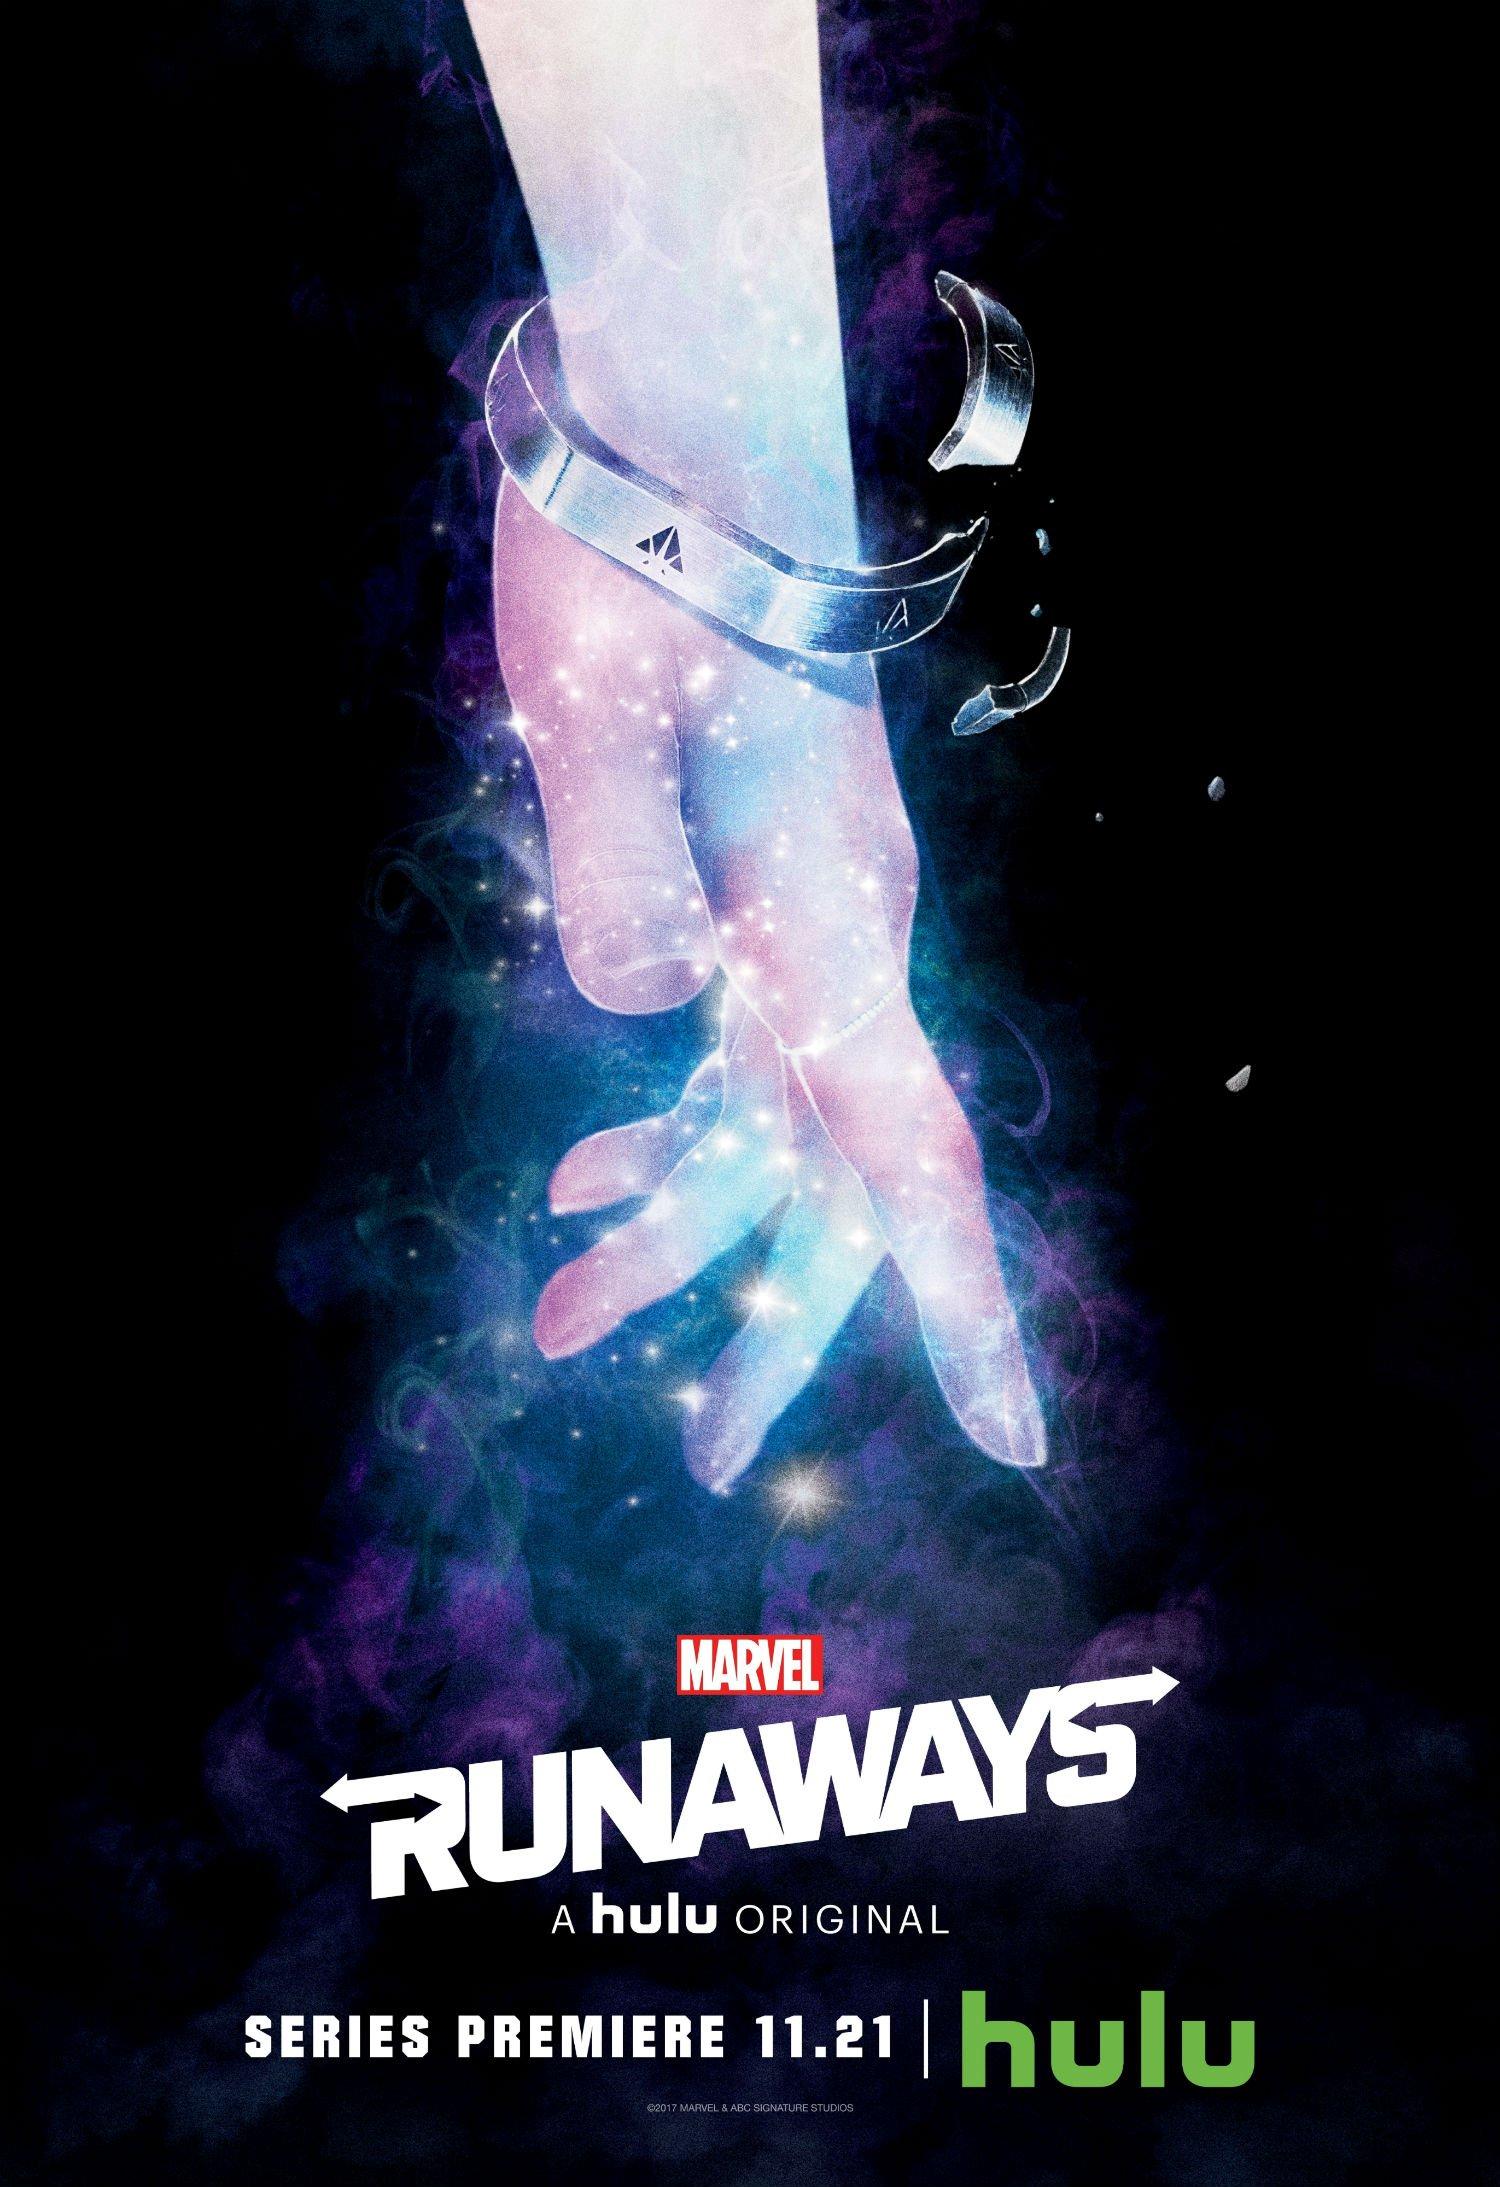 Poster de la saison 1 de Runaways avec le poing de Karolina Dean